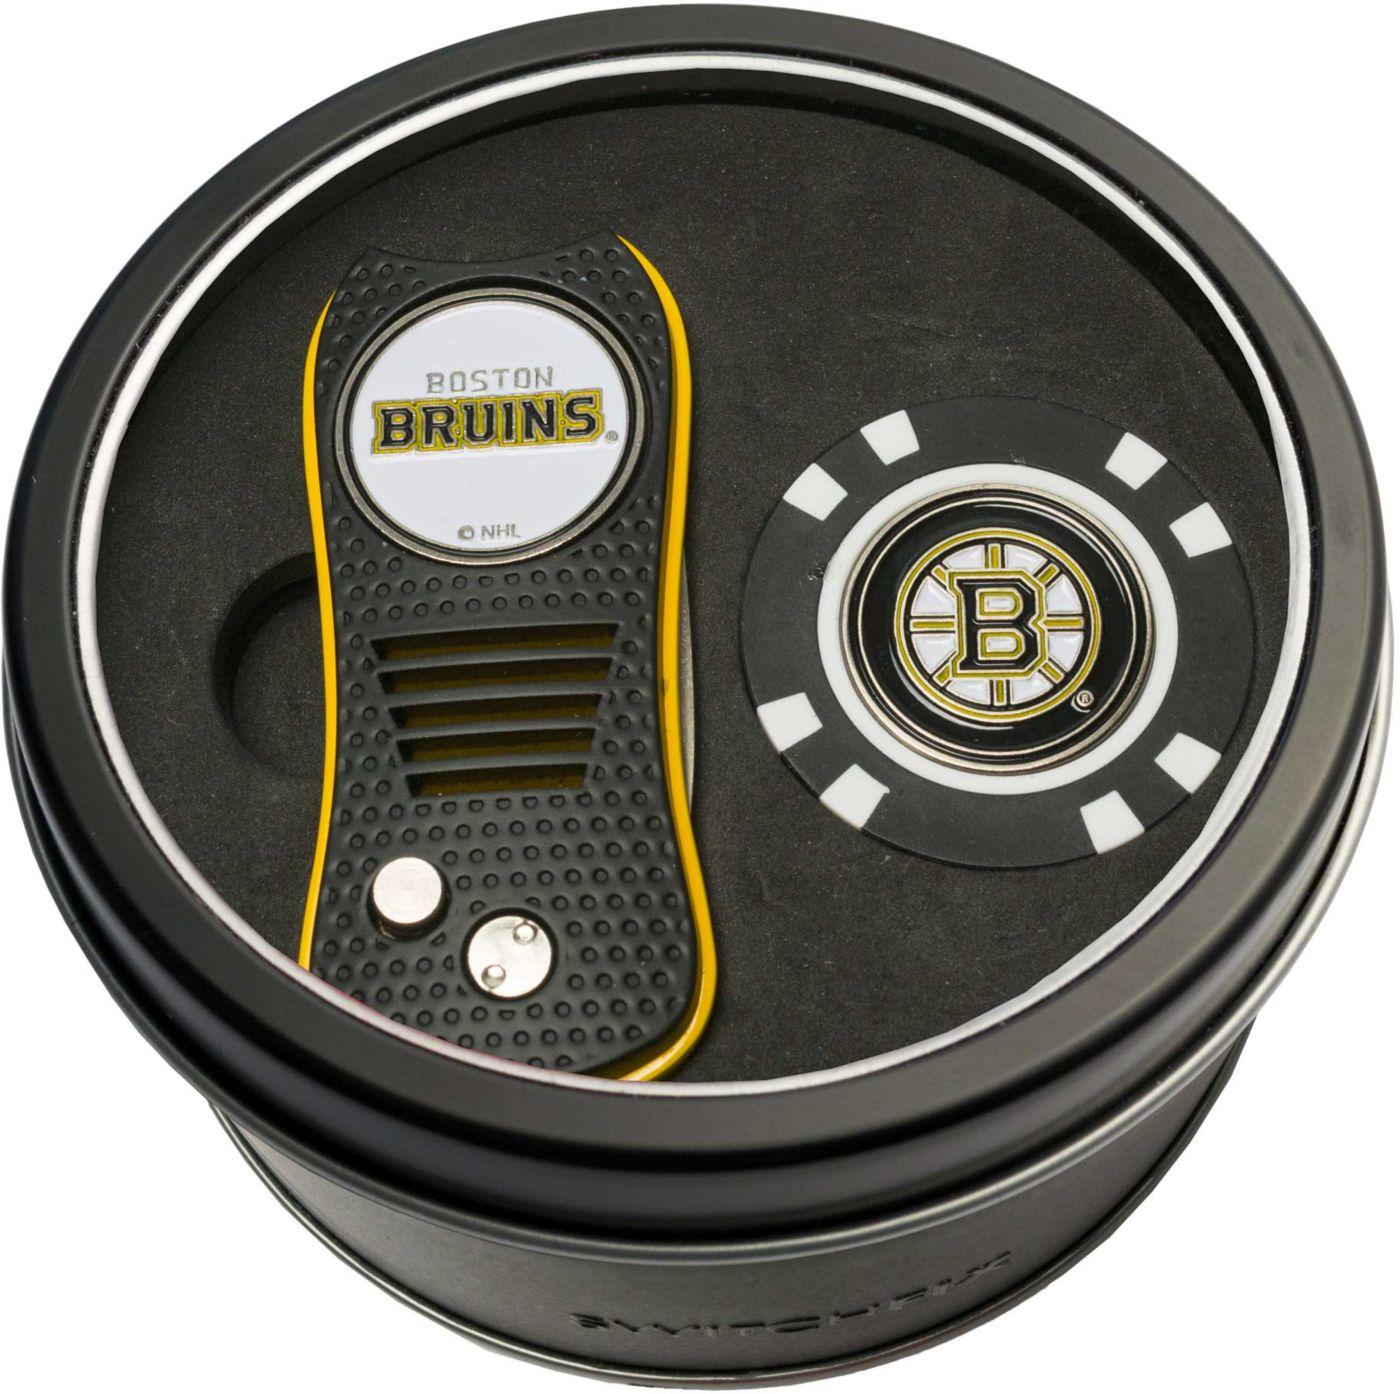 Team Golf Boston Bruins Switchfix Divot Tool and Poker Chip Ball Marker Set